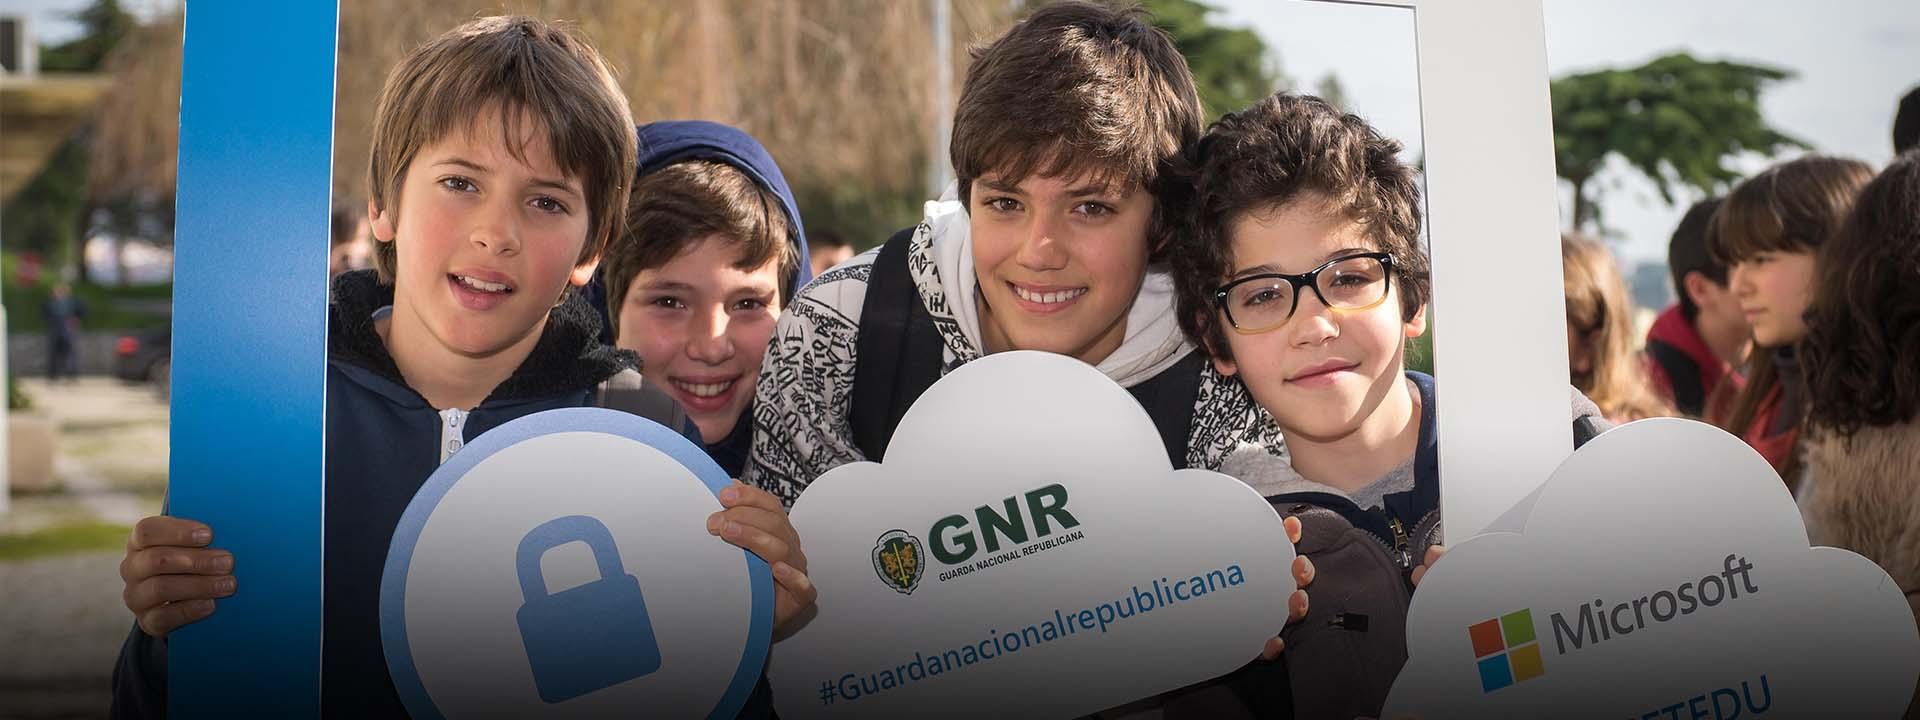 Crianças a segurar um placard, aprende mais sobre o dia da Internet mais Segura